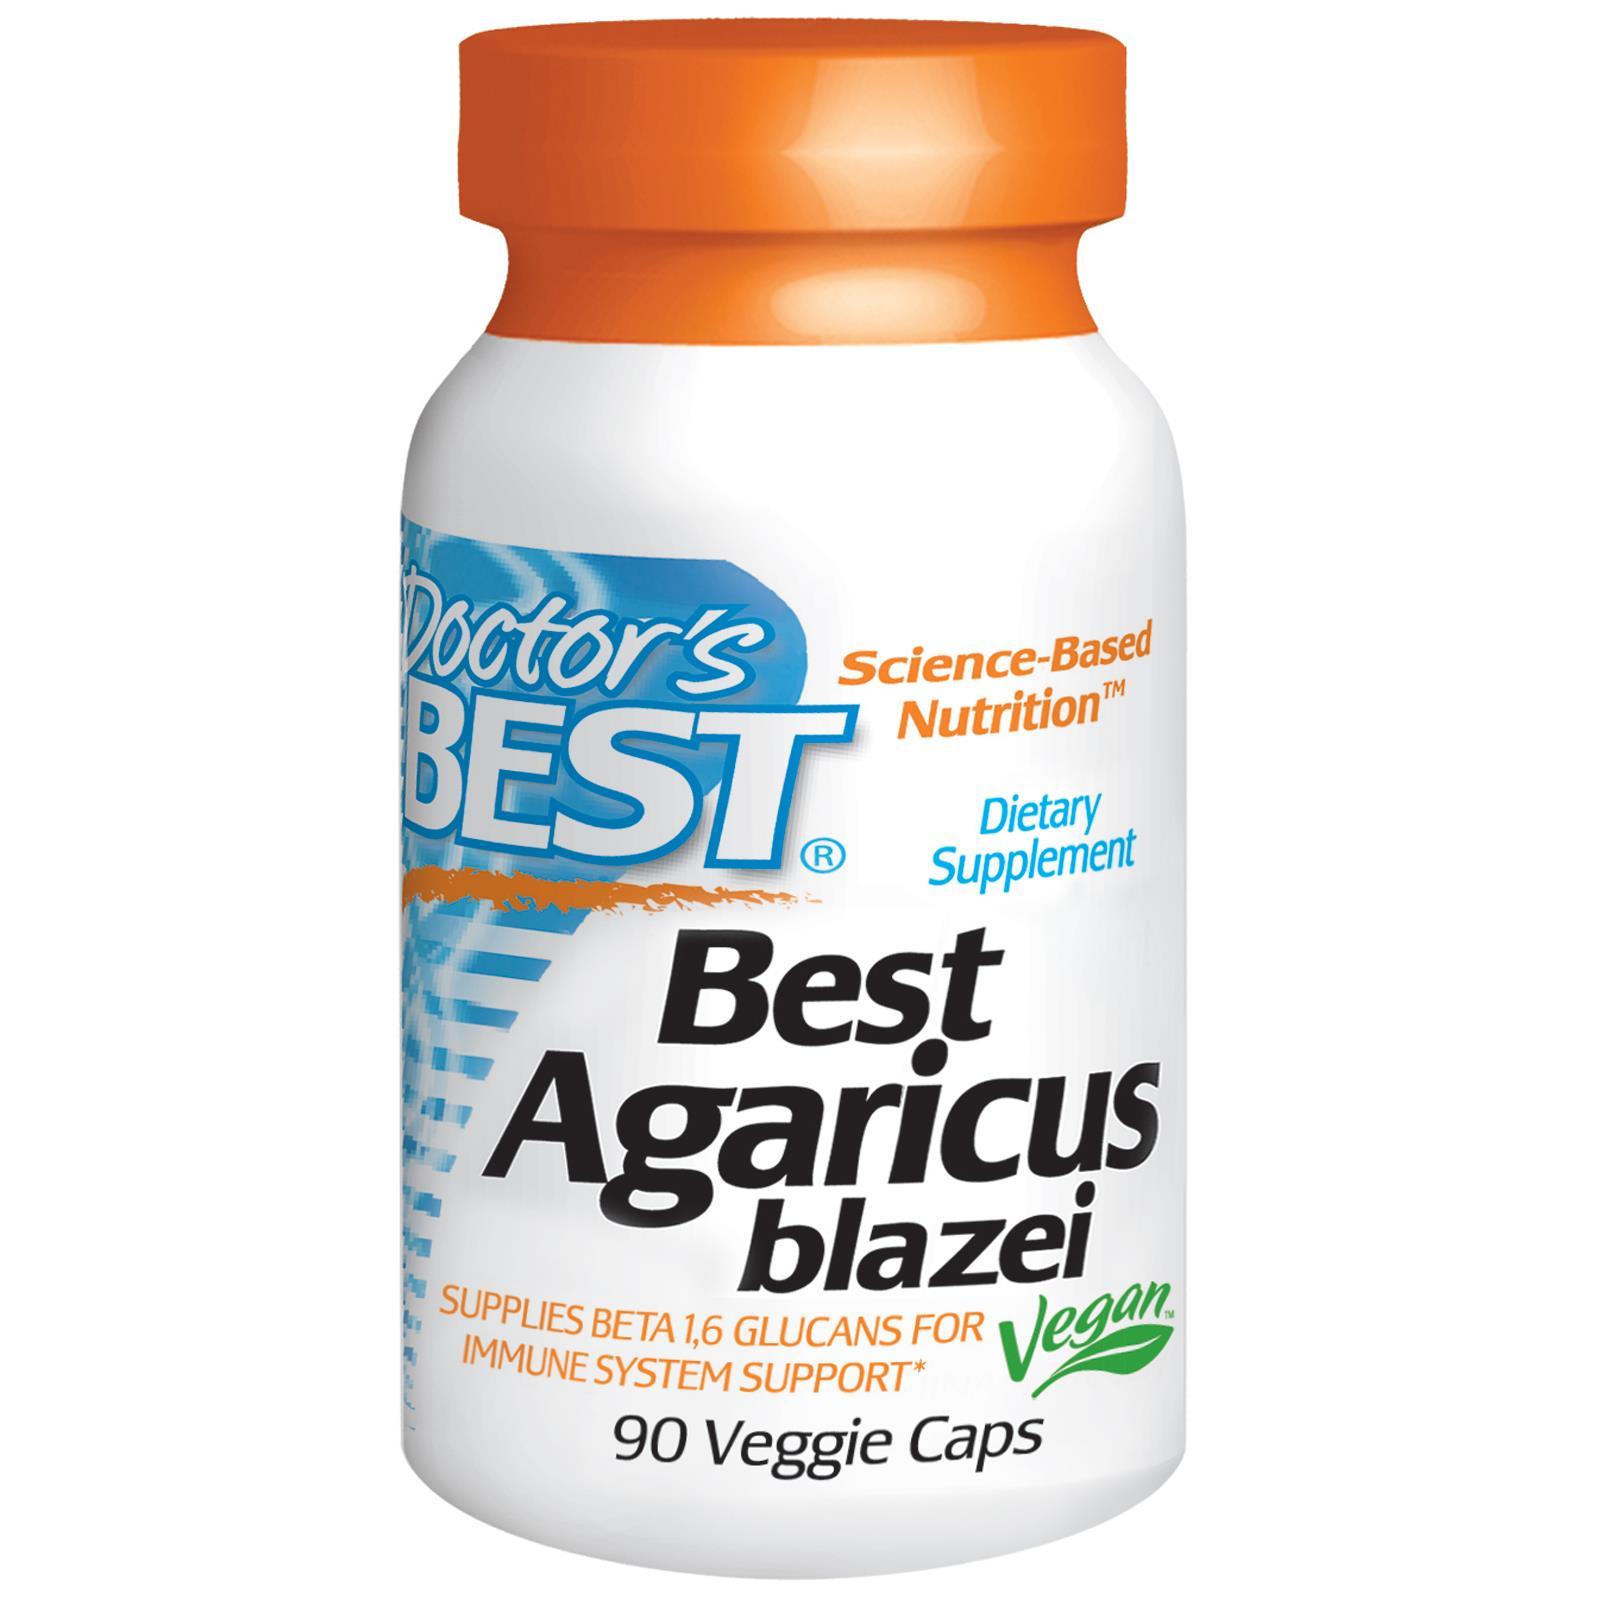 Best Agaricus Blazei Doctors Best thực phẩm chức năng có hoạt chất chống , hỗ trợ tăng cường hệ miễn dịch